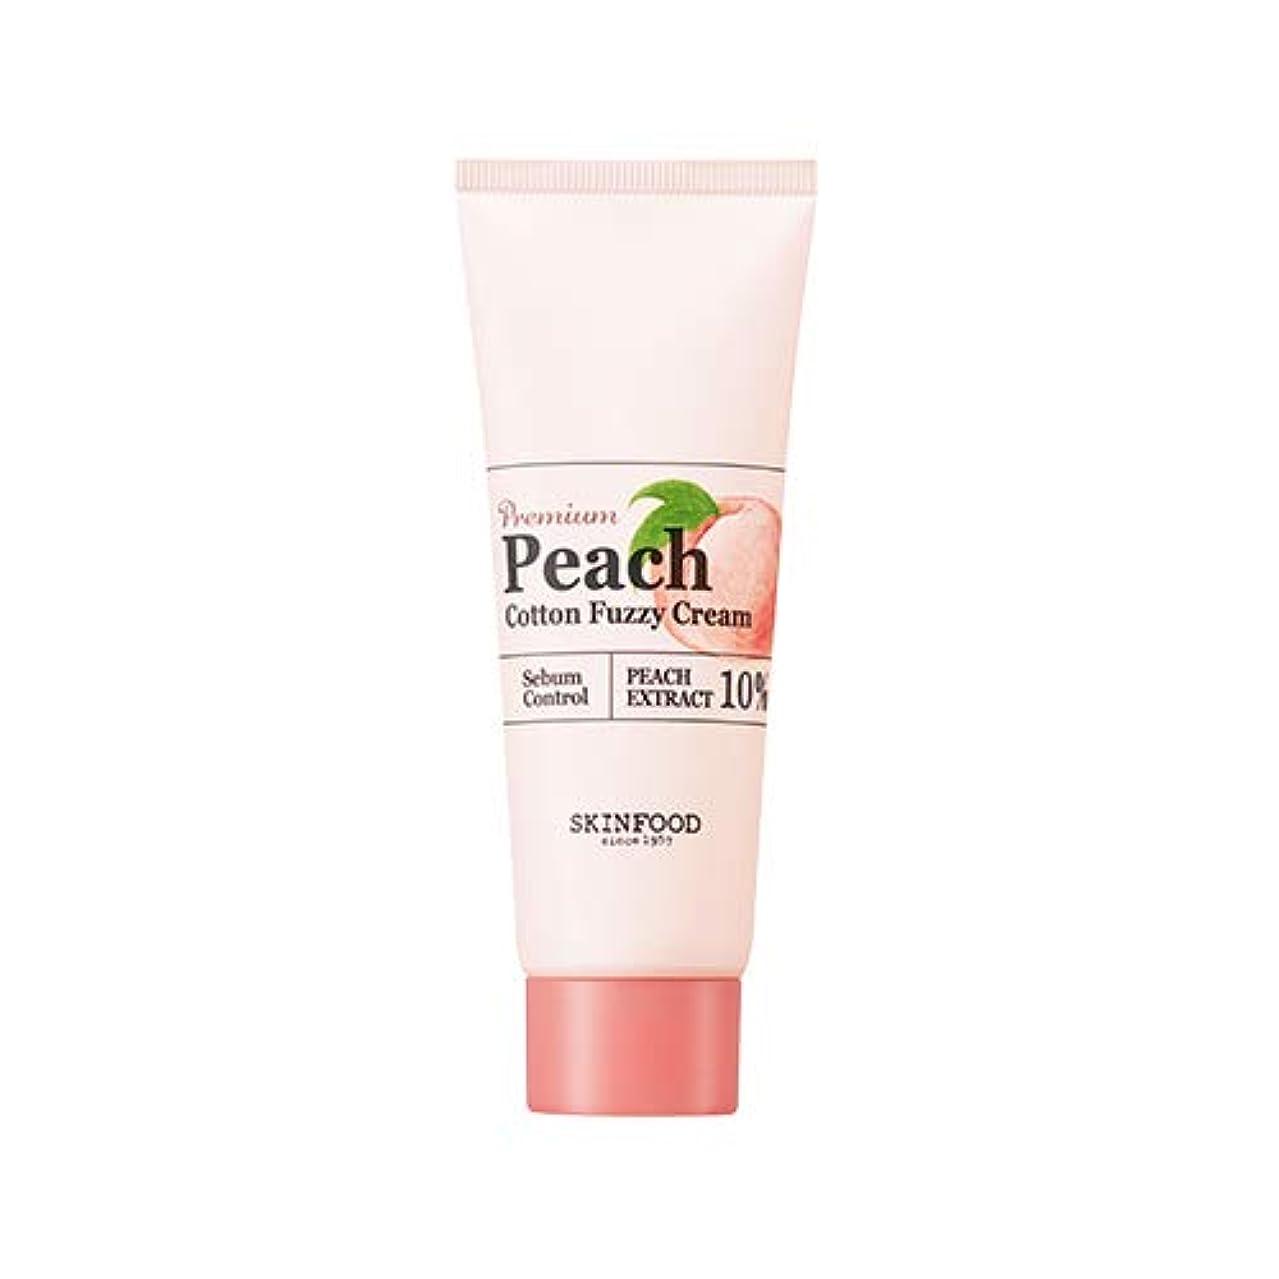 見えるできればペインティングSkinfood プレミアムピーチコットンファジークリーム/Premium Peach Cotton Fuzzy Cream 65ml [並行輸入品]